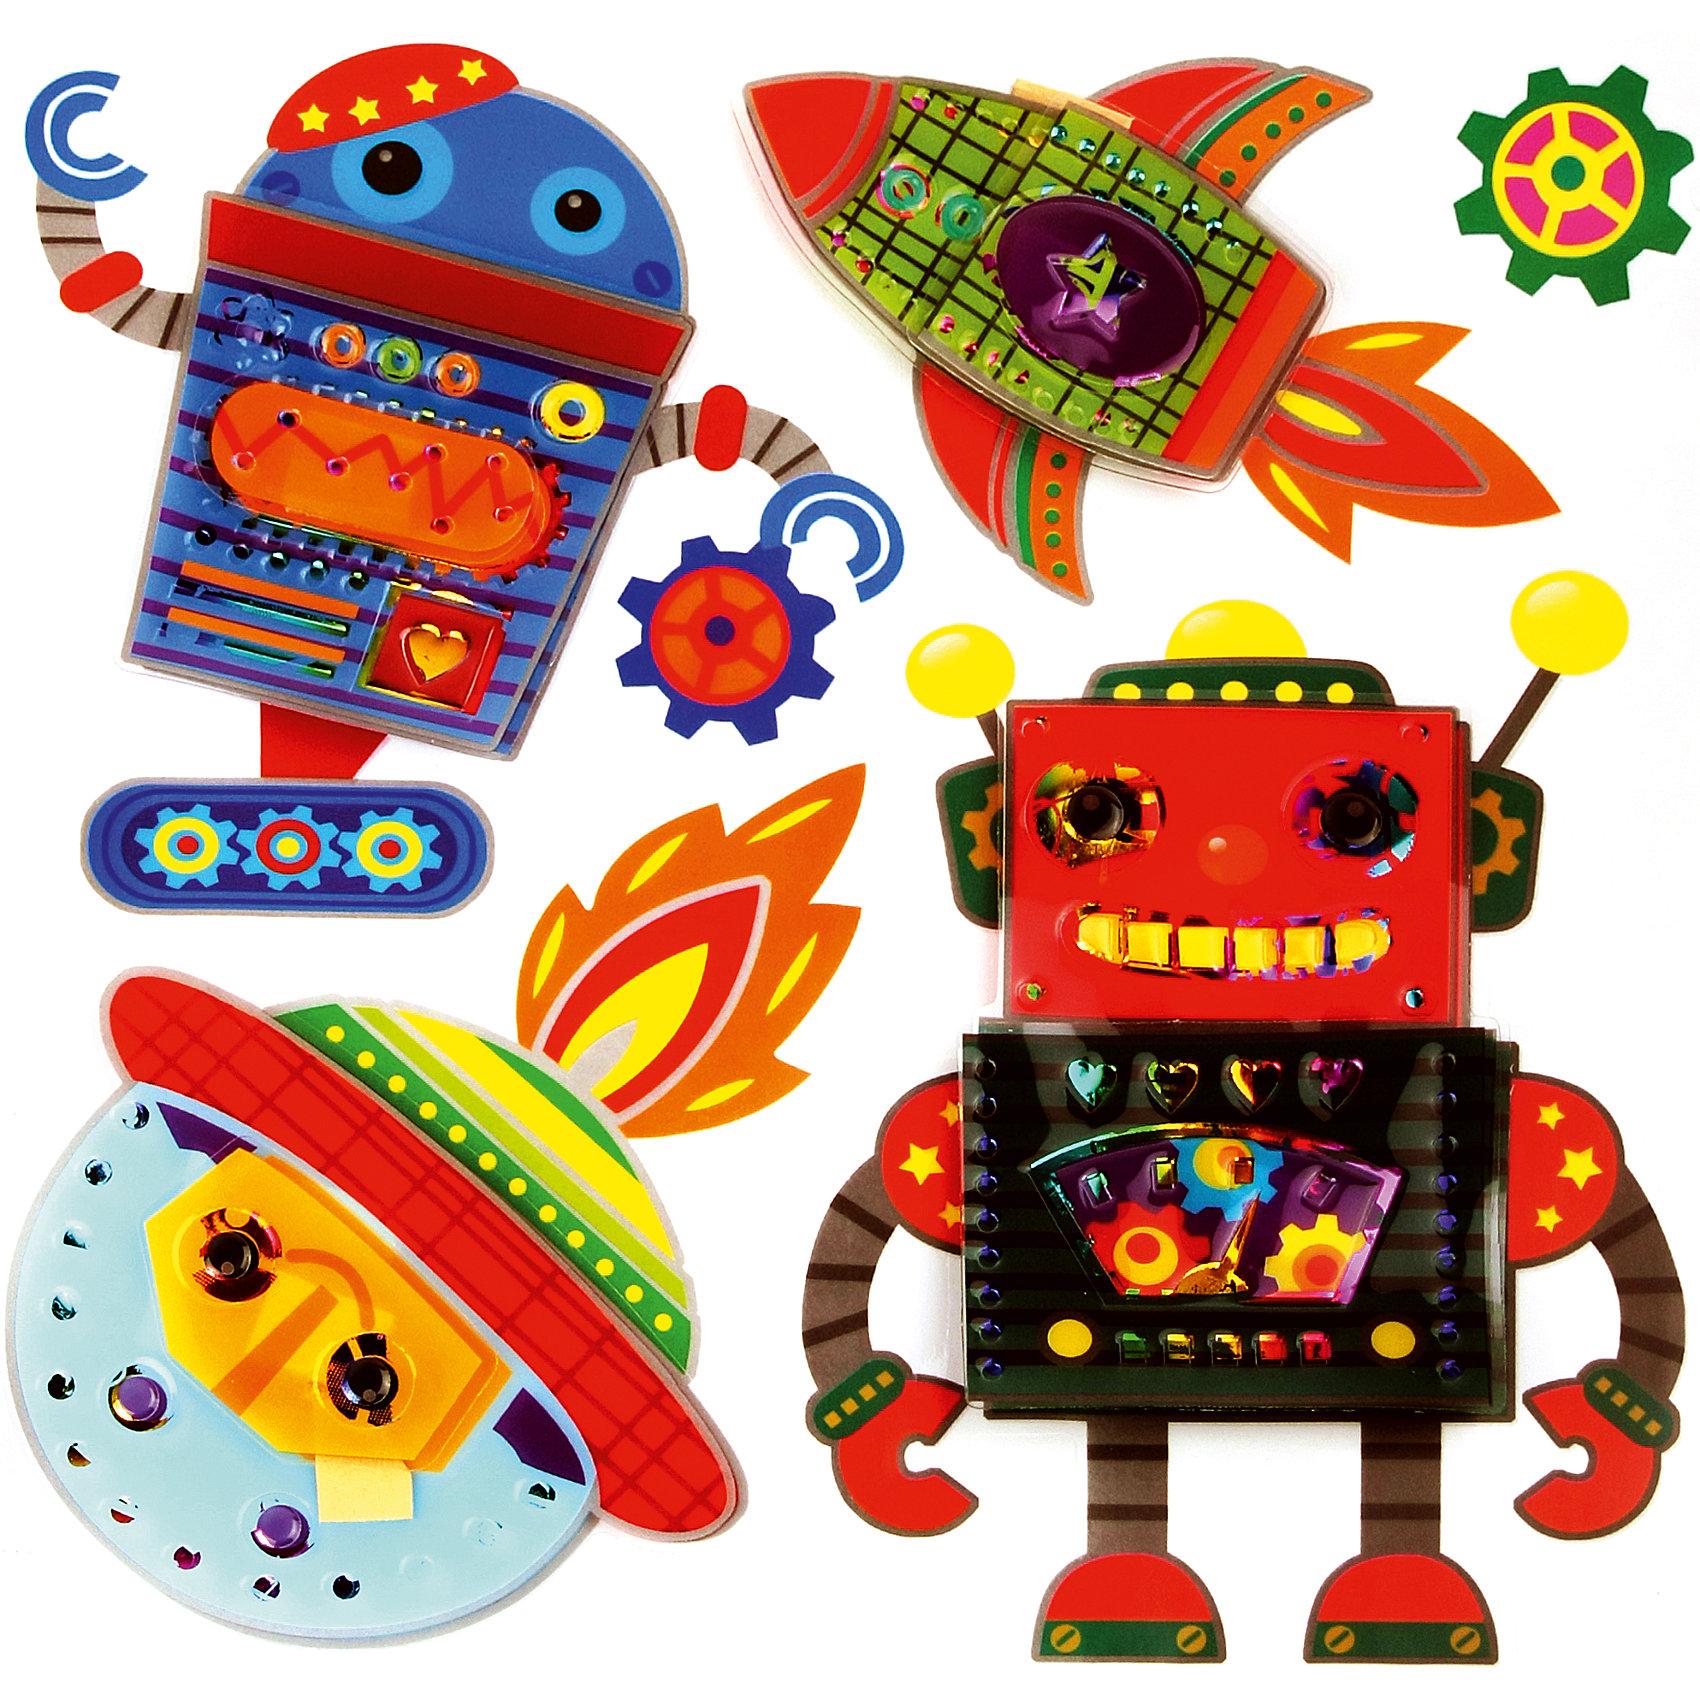 Декоративные наклейки Космос и роботыДекоративные наклейки Космос и роботы выполненные из ПВХ, на клеевой основе, станут прекрасным украшением любого помещения, оживят и дополнят интерьер комнаты.  Наклейки легко наклеиваются и снимаются, не оставляют следов на обоях и других поверхностях. <br><br>Дополнительная информация:<br><br>- Материал: ПВХ, клей. <br>- Размер: 30х39 см.<br><br>Декоративные наклейки Космос и роботы  можно купить в нашем магазине.<br><br>Ширина мм: 300<br>Глубина мм: 390<br>Высота мм: 10<br>Вес г: 81<br>Возраст от месяцев: 36<br>Возраст до месяцев: 2147483647<br>Пол: Мужской<br>Возраст: Детский<br>SKU: 4087304